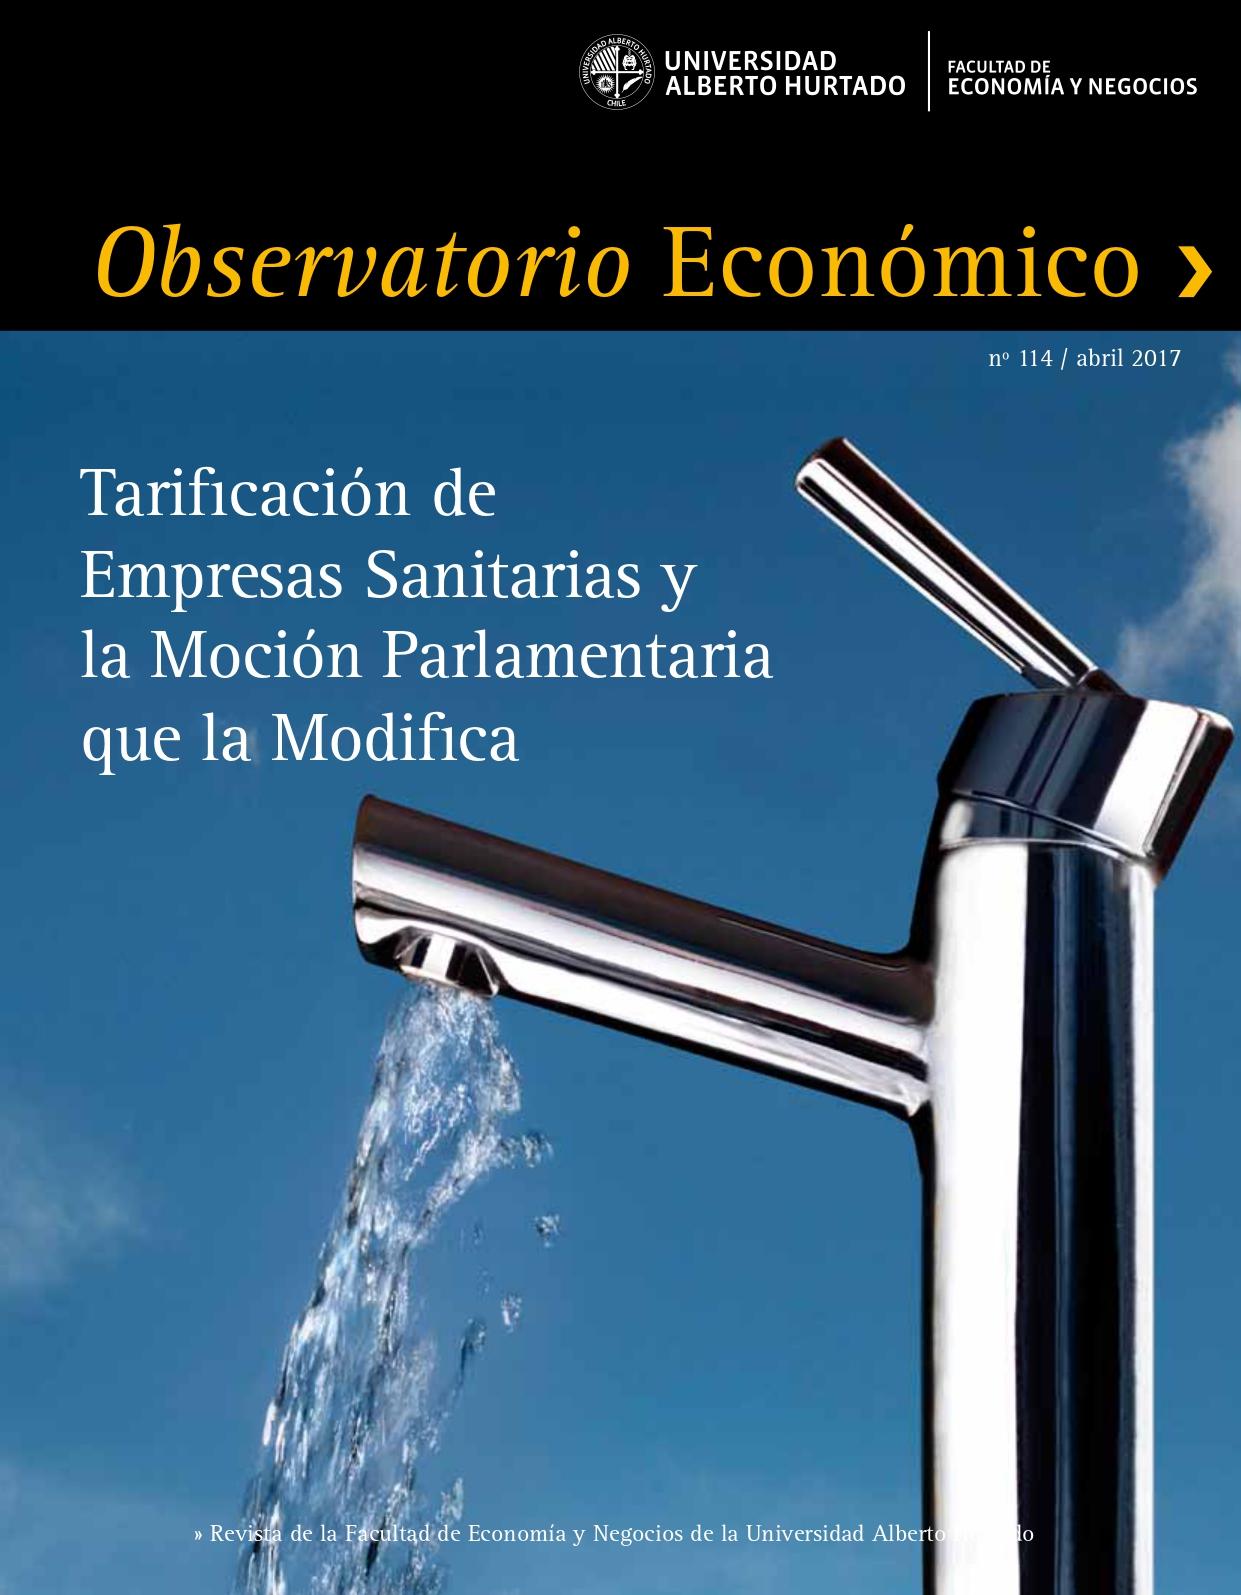 """Título del número de la revista : """"Tarifación de Empresas Sanitarias y la Moción Parlamentaria que la Modifica"""""""